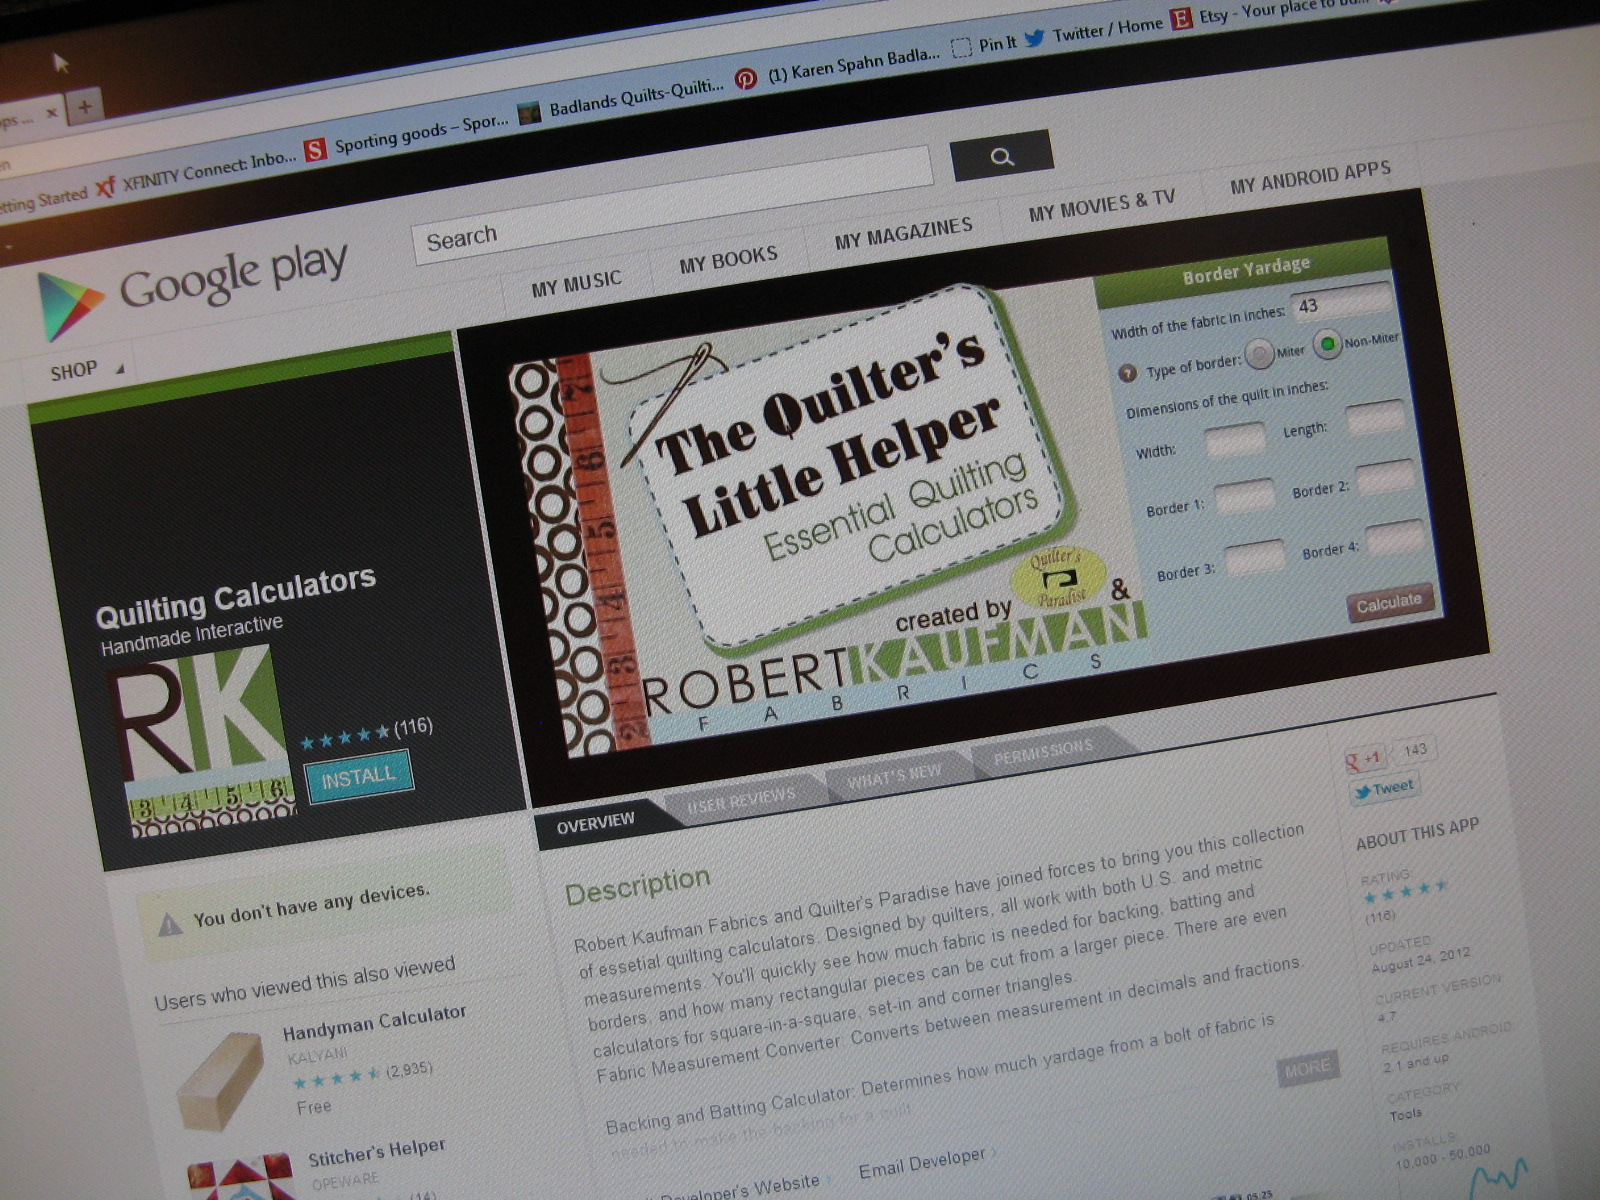 Robert Kaufman Quilting Calculator App Review | Minneapolis Modern ... : fabric calculator for quilts - Adamdwight.com